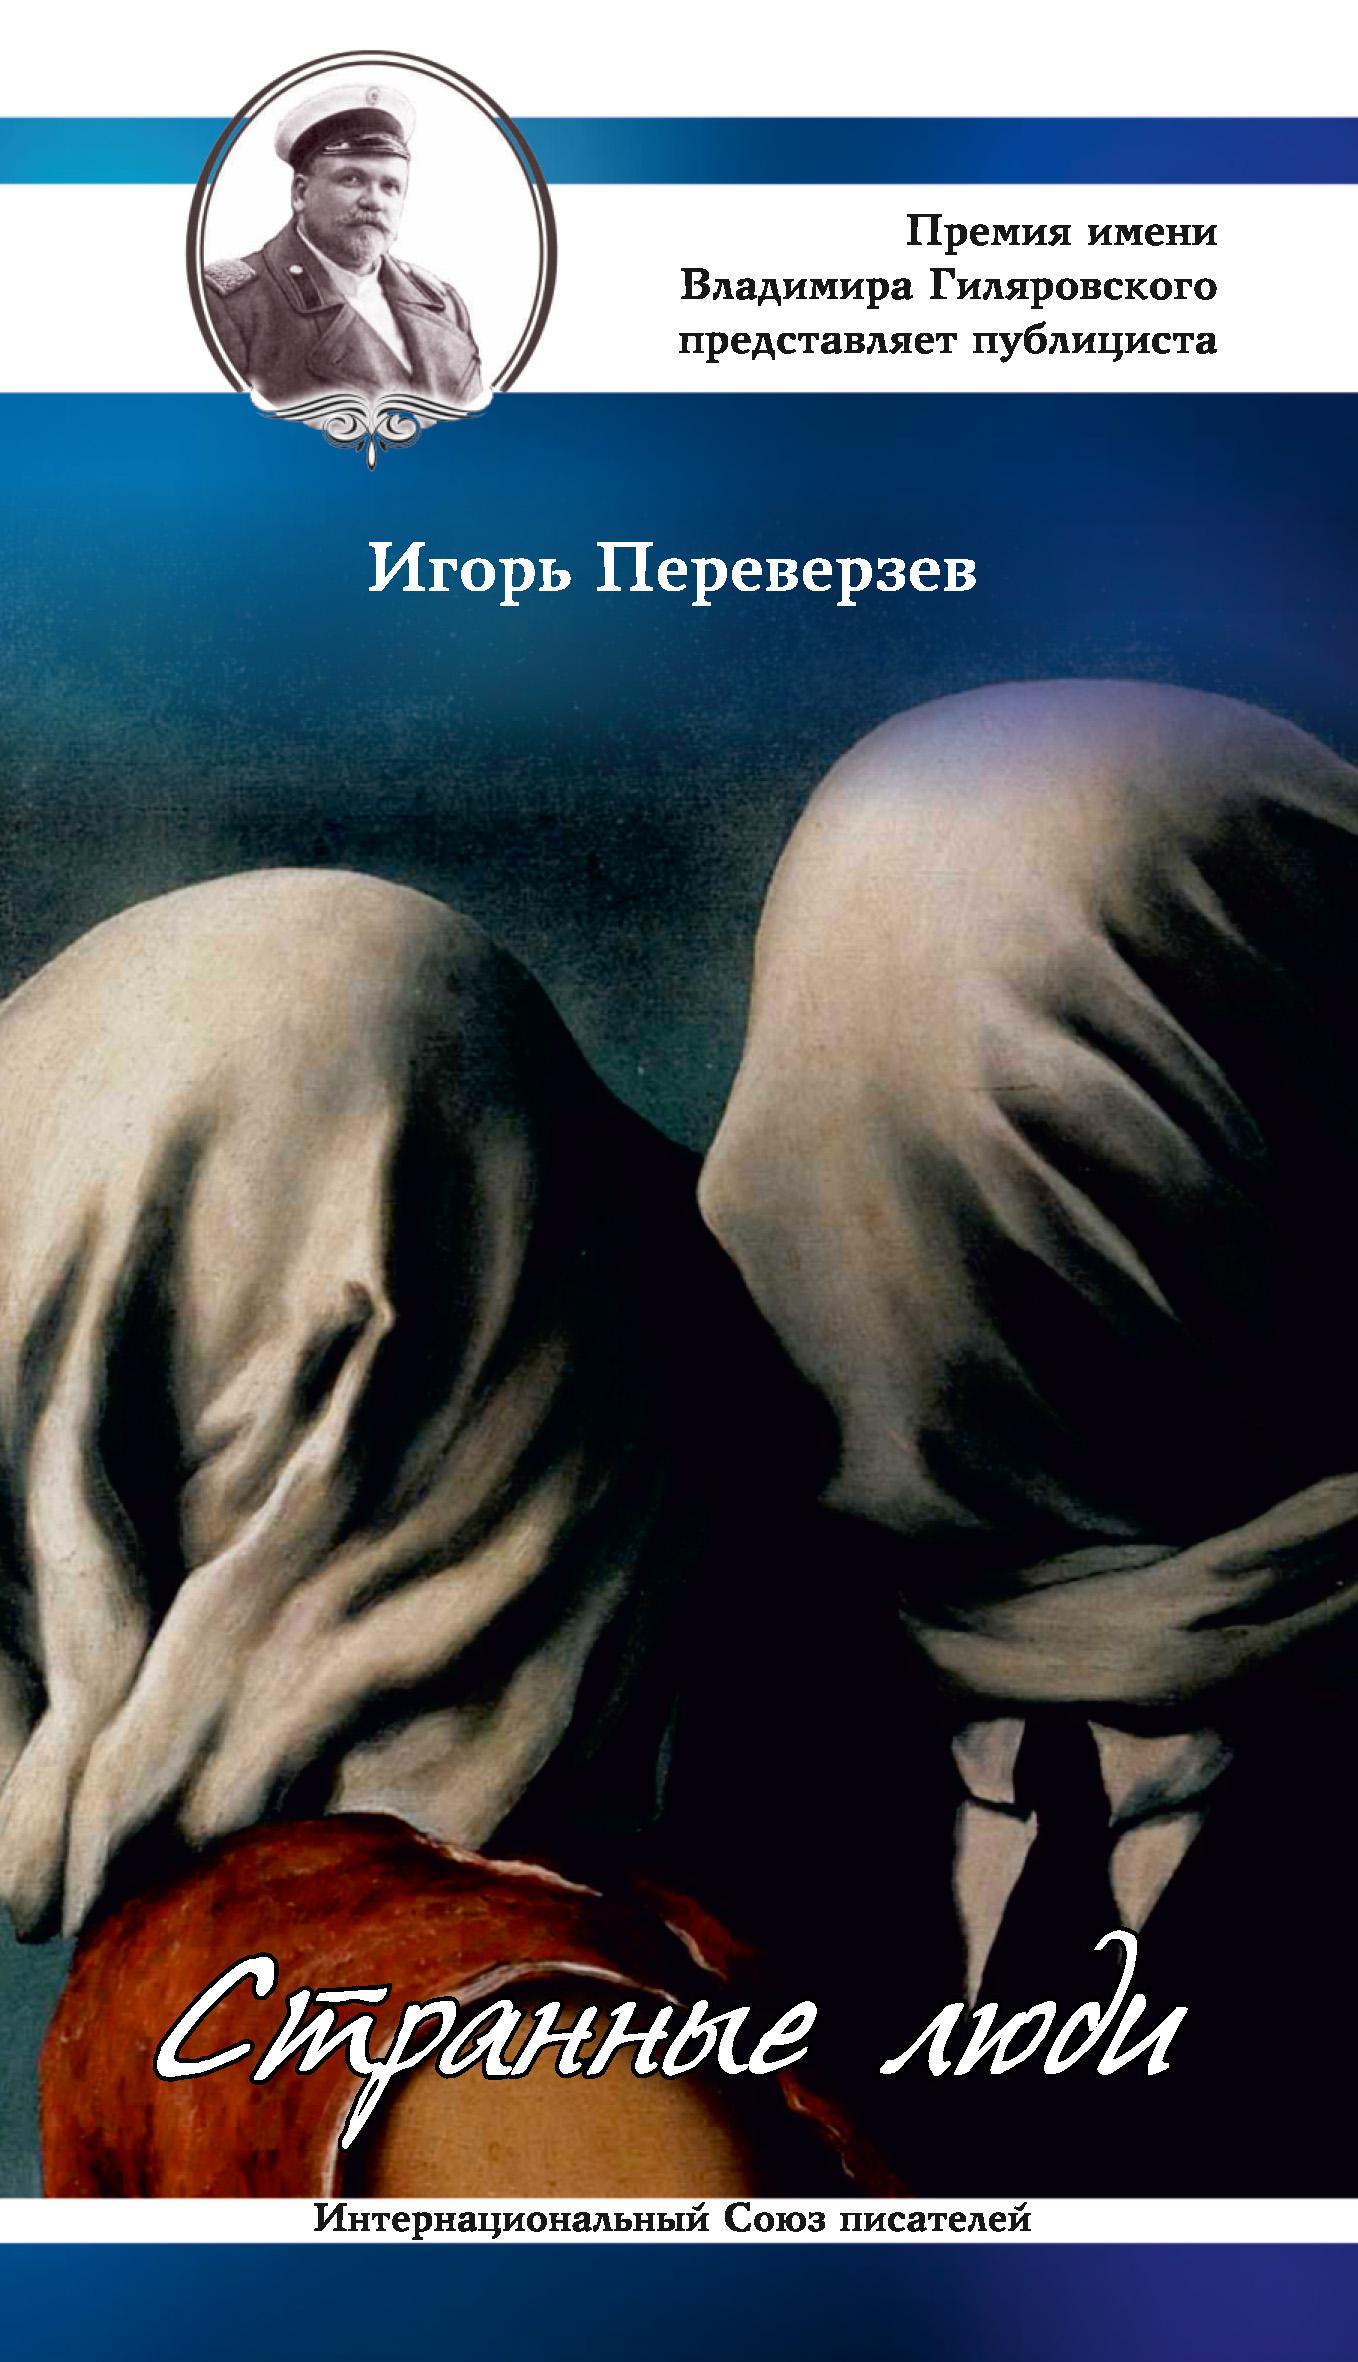 Игорь Переверзев Странные люди свои и чужие